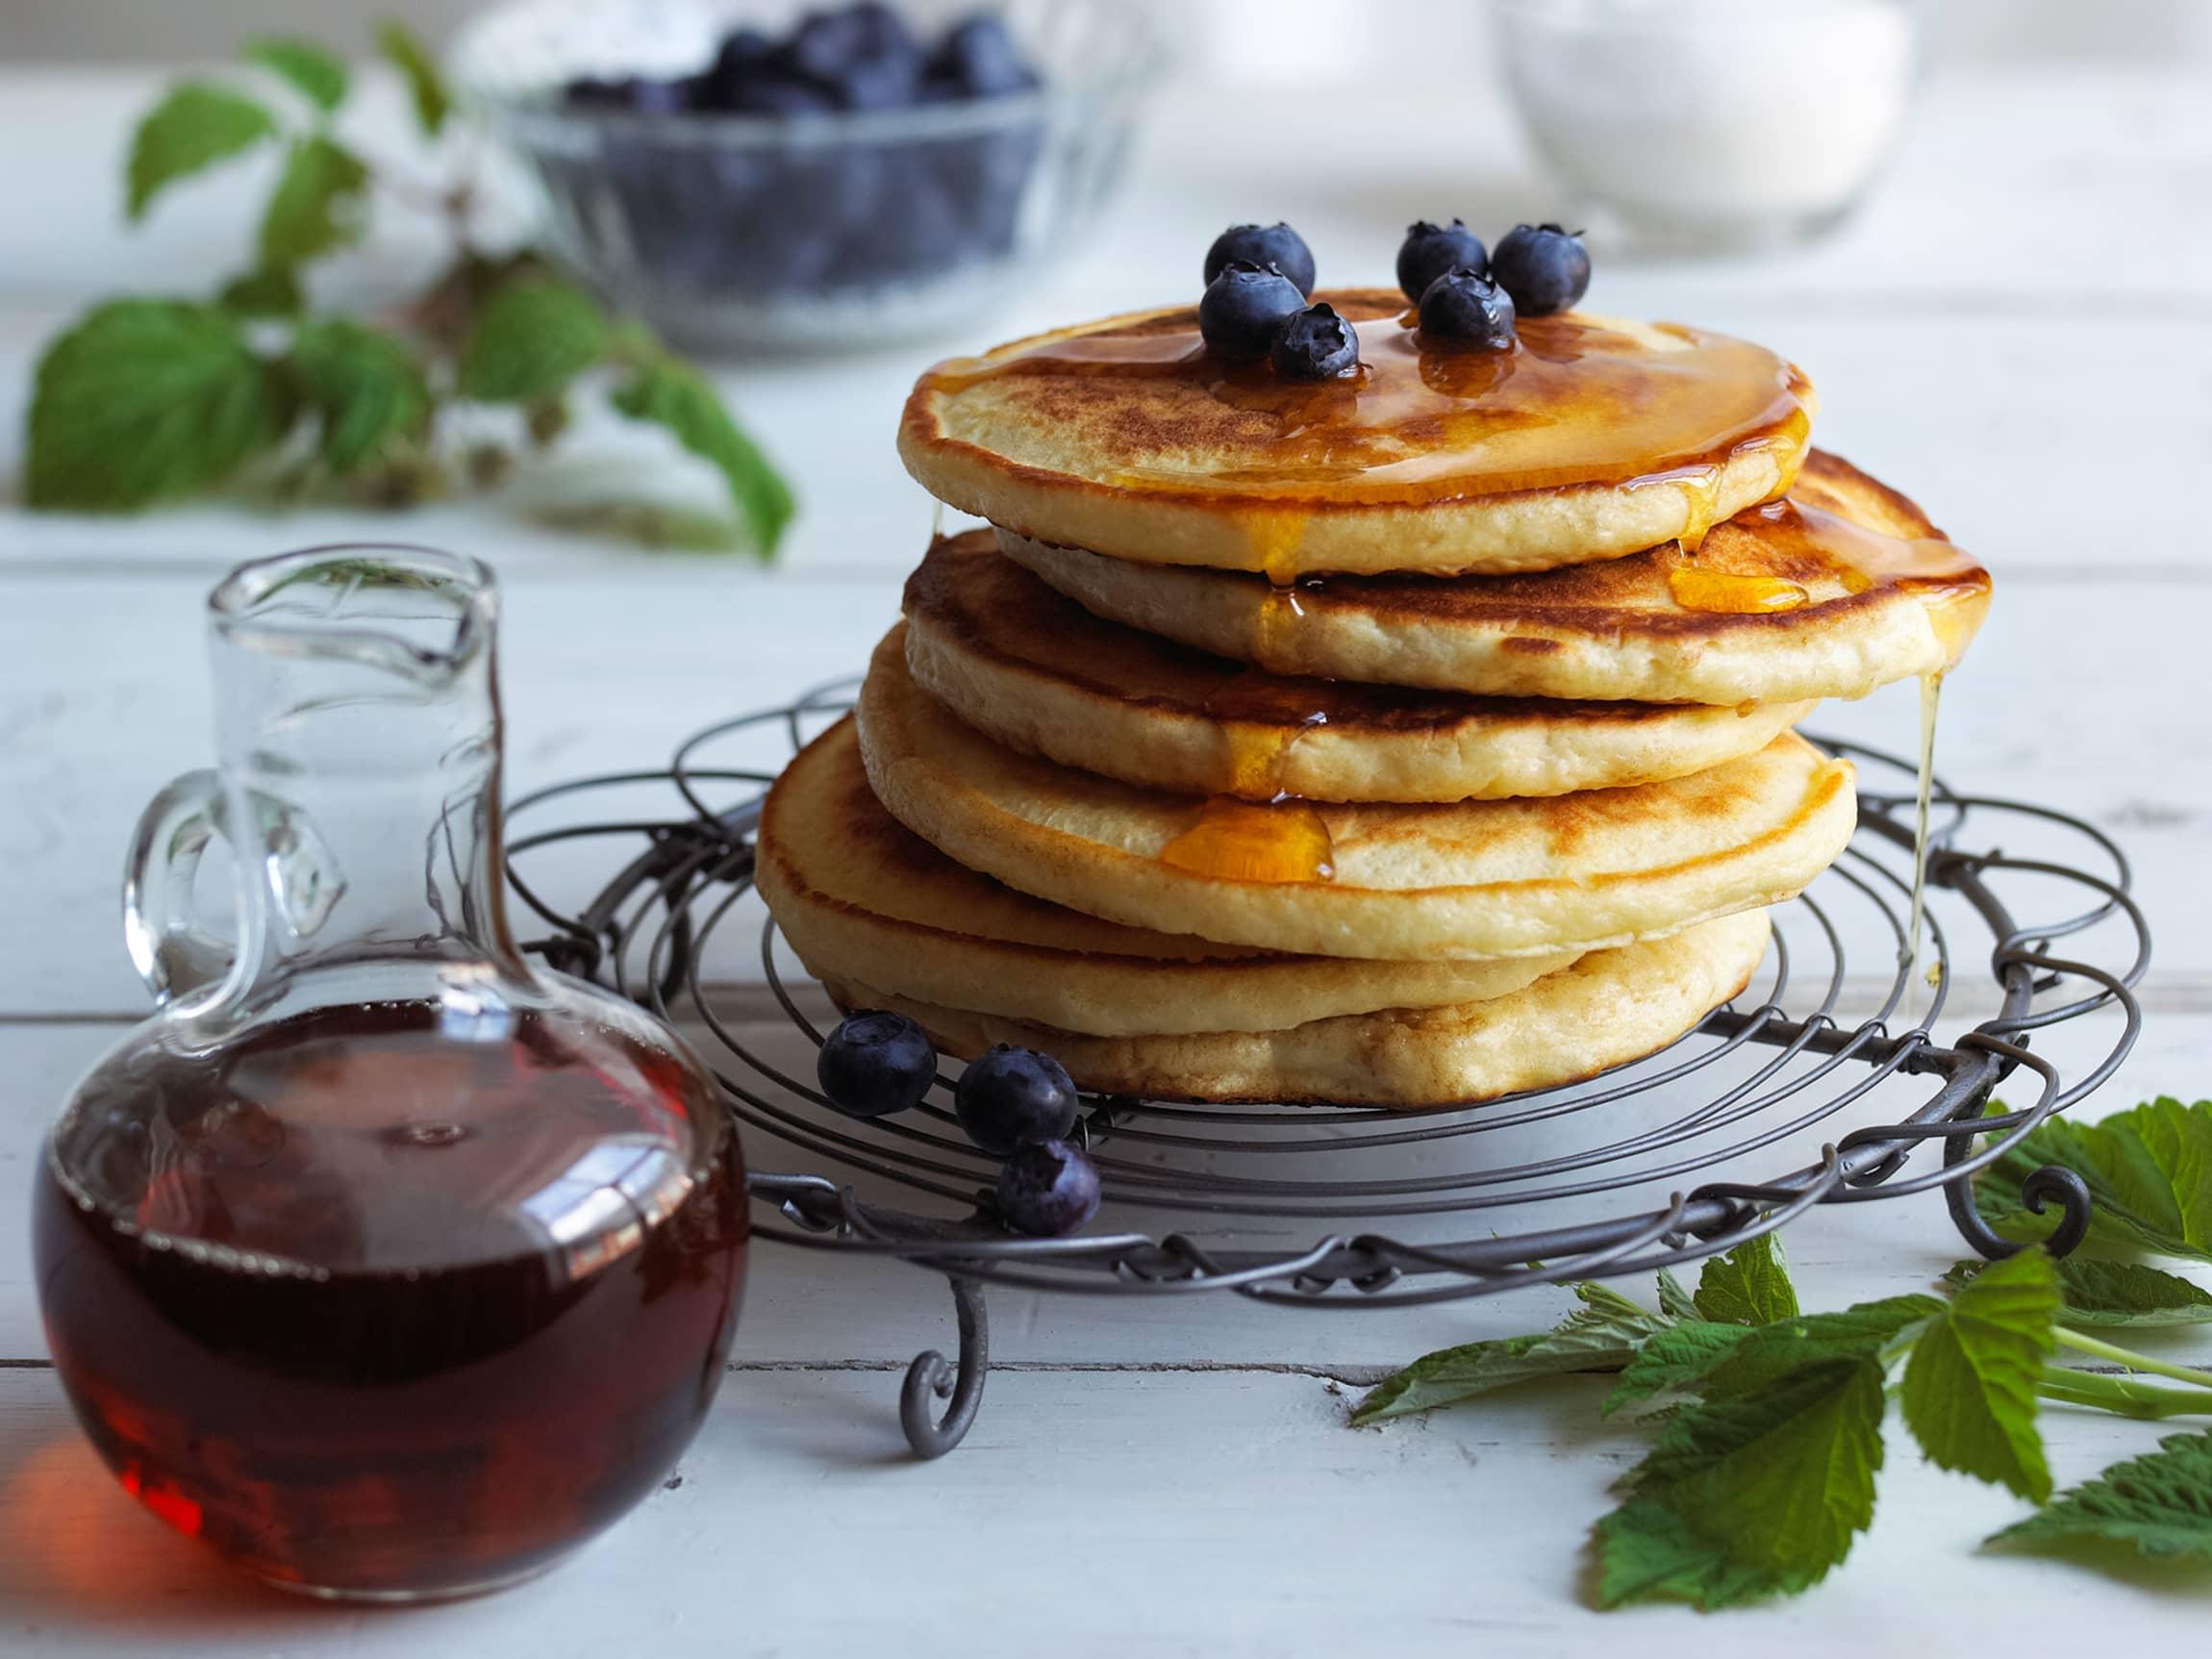 Topp luftige pannekaker med bær og sirup. Nam!